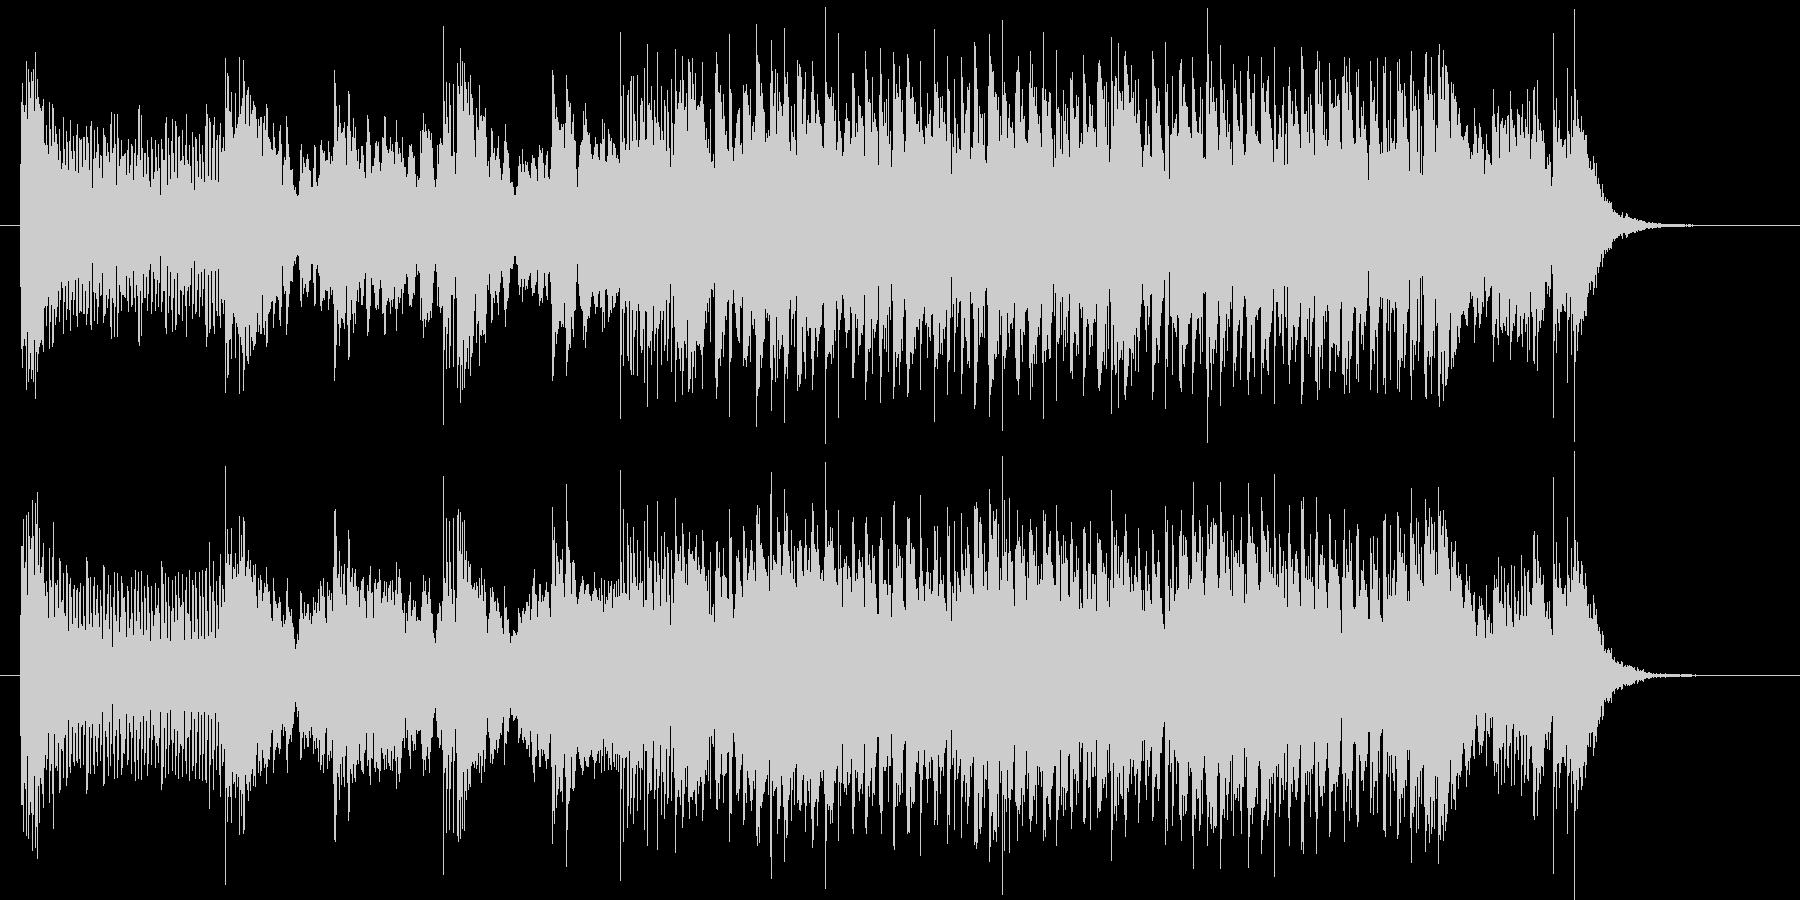 不思議で軽快なシンセポップジングルの未再生の波形